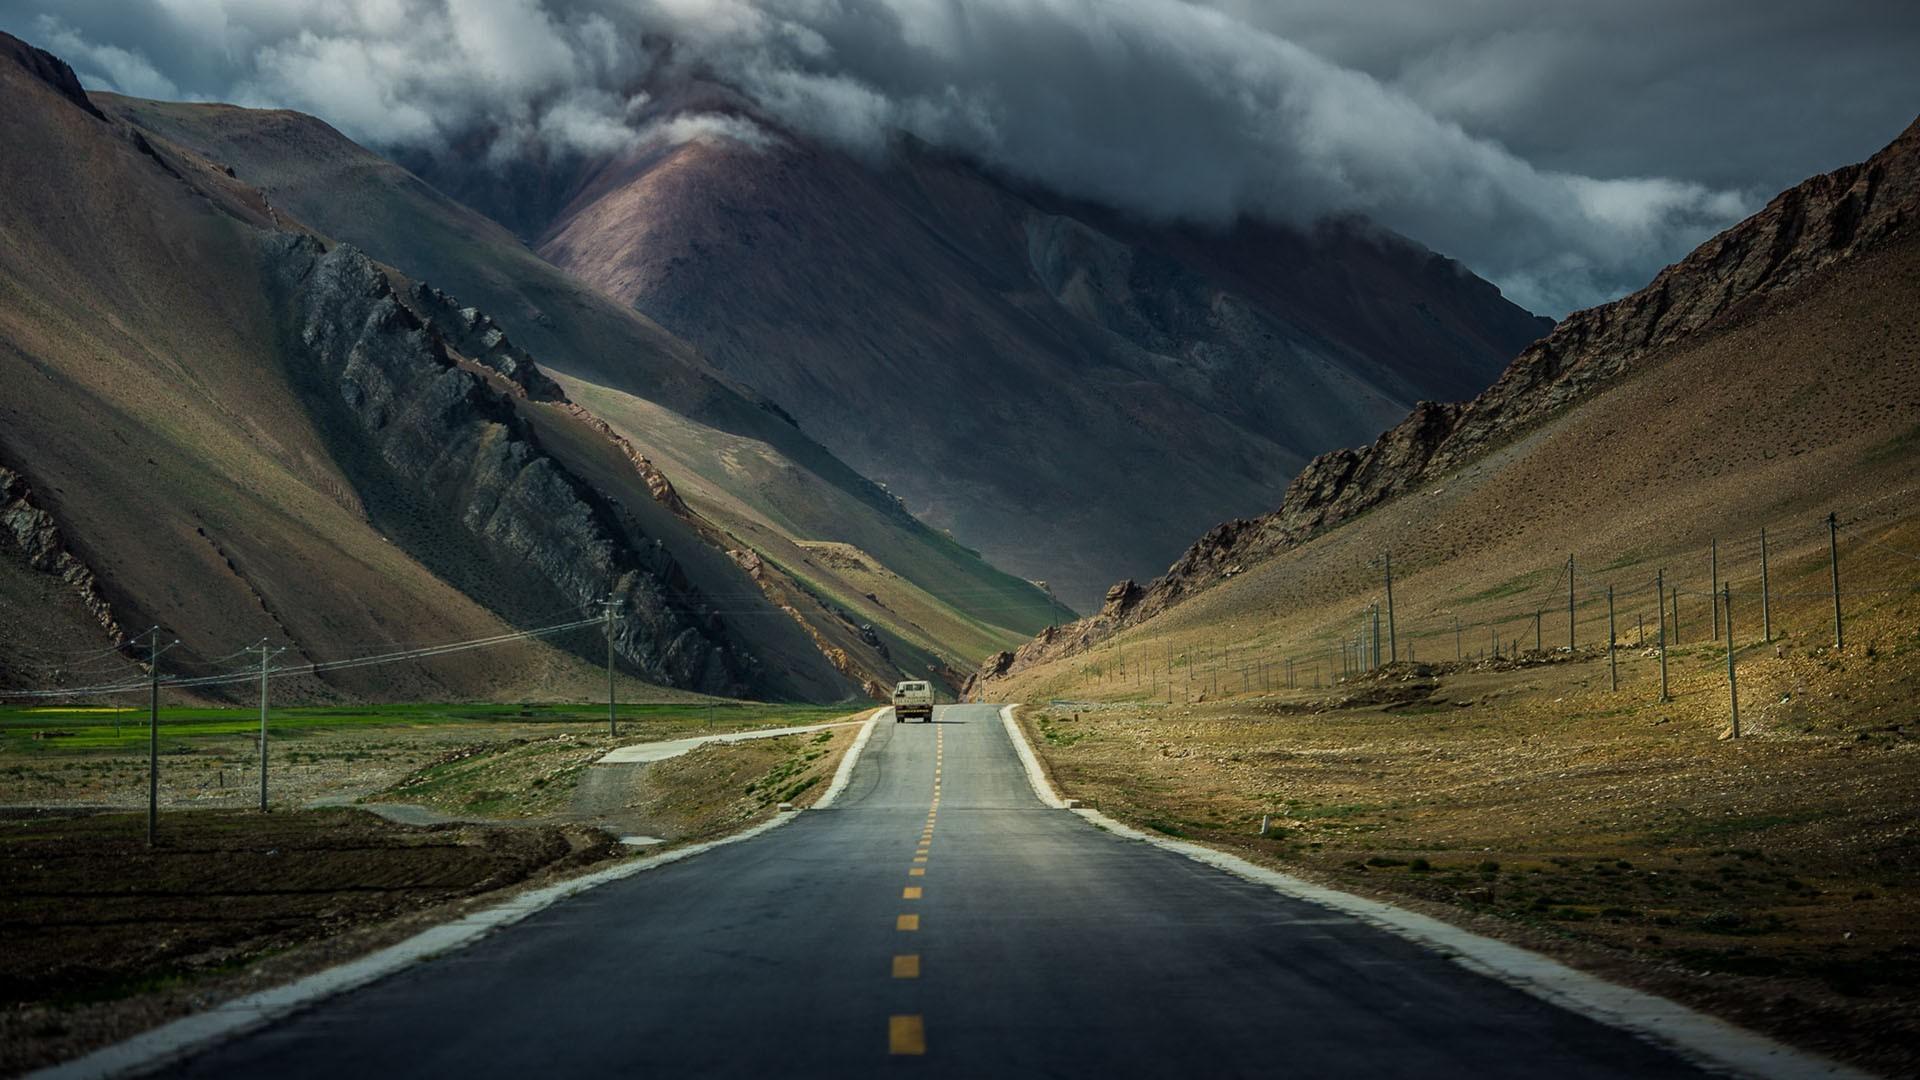 Tibet Wallpapers HD - WallpaperSafari